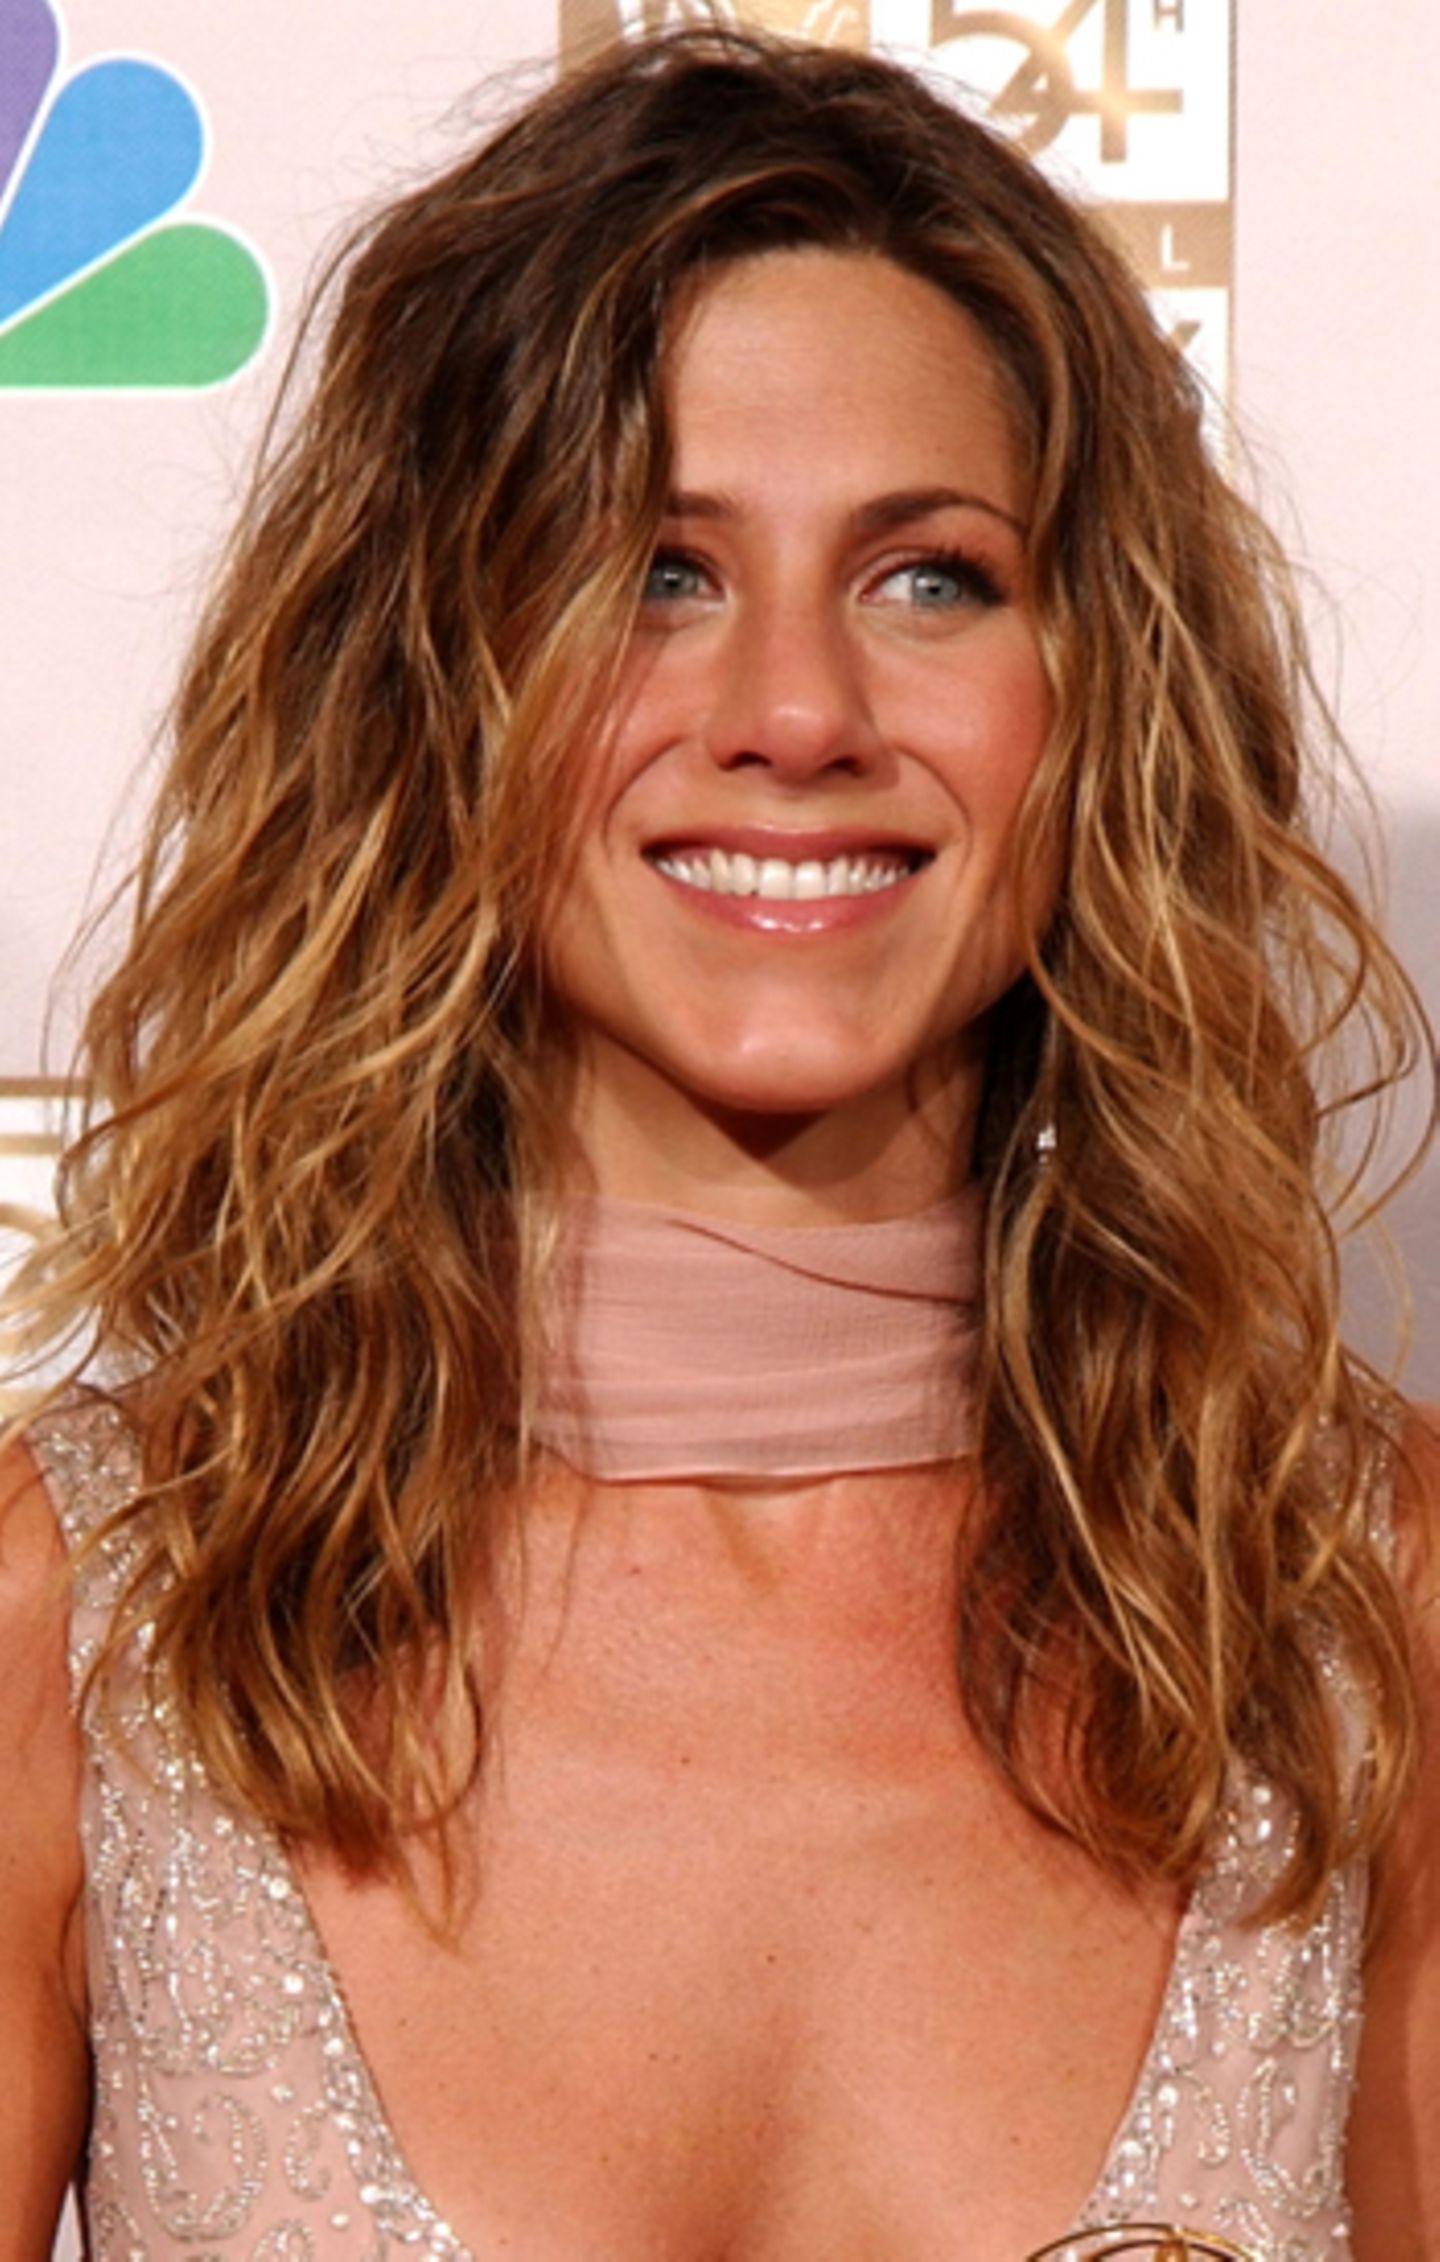 """FEin wenig erblondet und ausgezeichnet mit einem """"Emmy"""" lächelt Aniston 2002 für die Fotografen."""